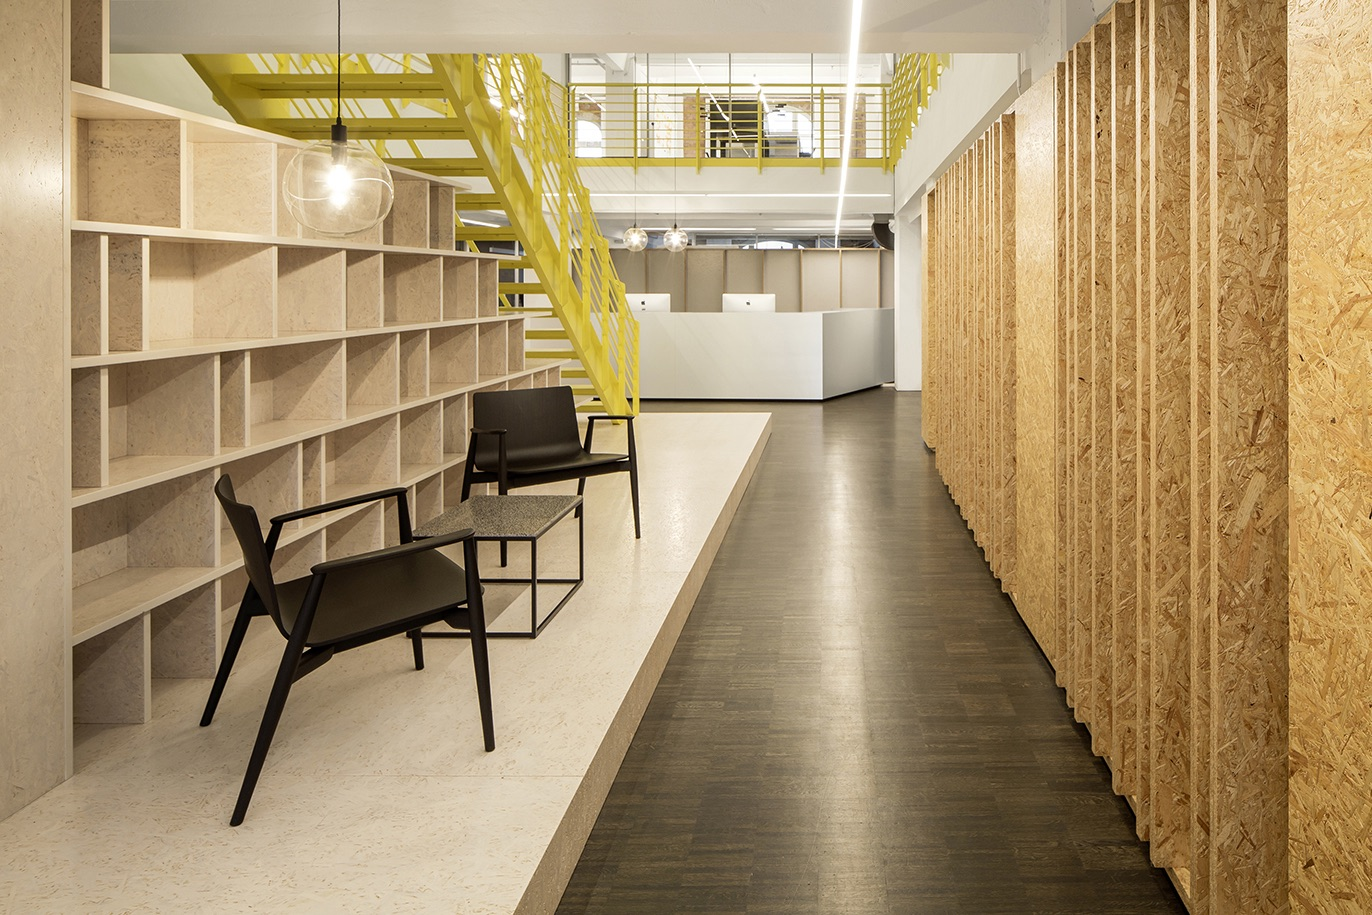 razorfish-berlin-office-11